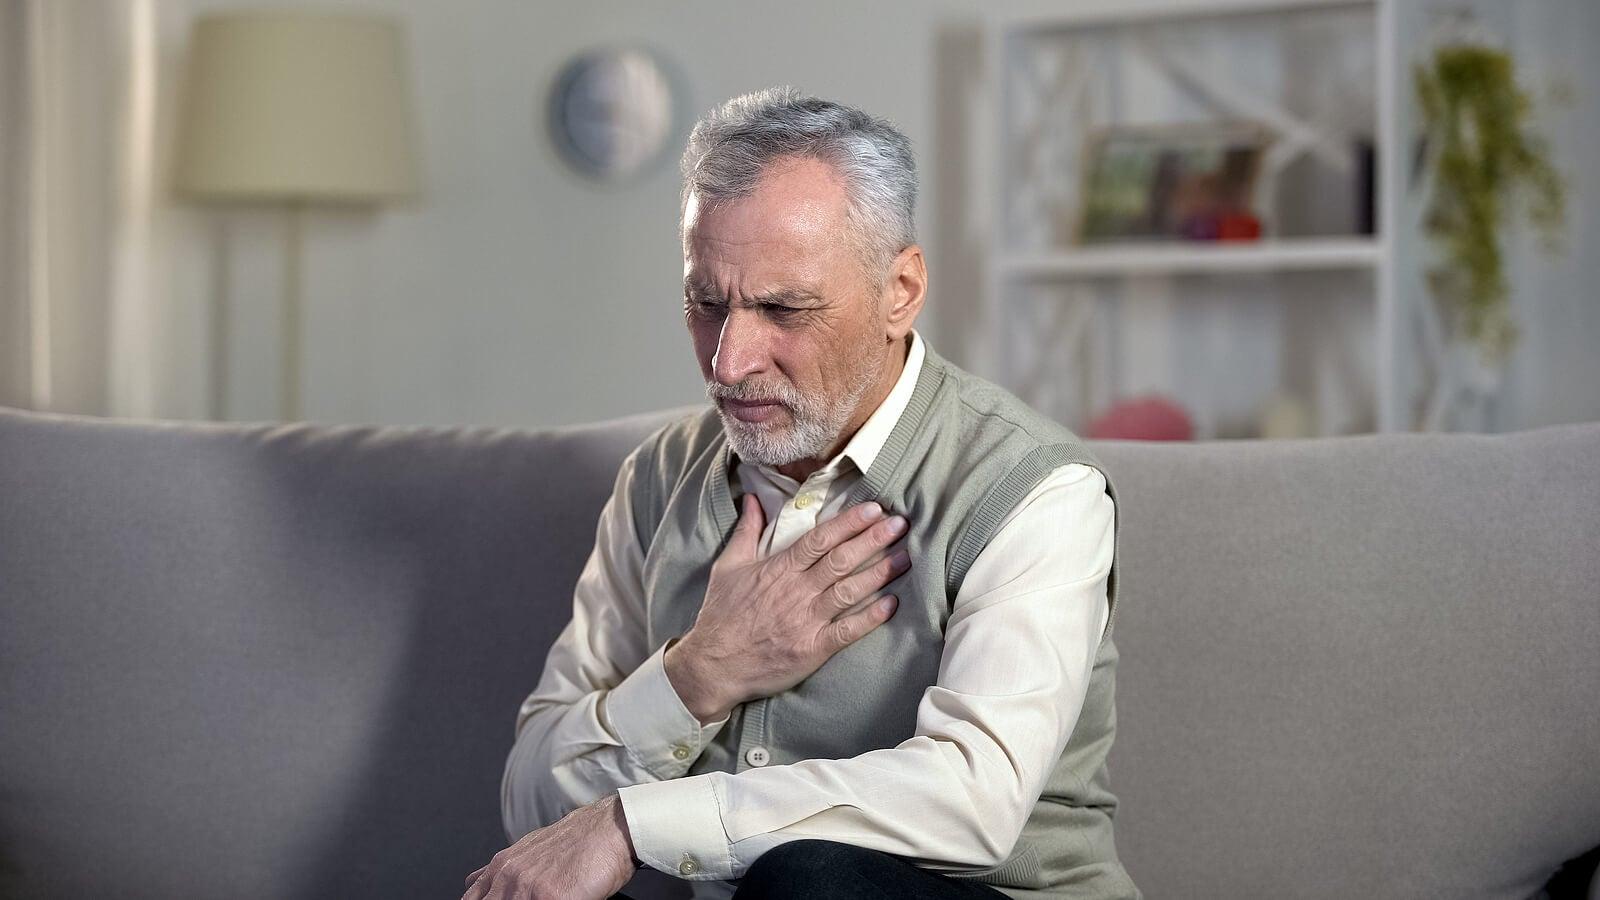 As causas do câncer de pulmão incluem idade avançada.